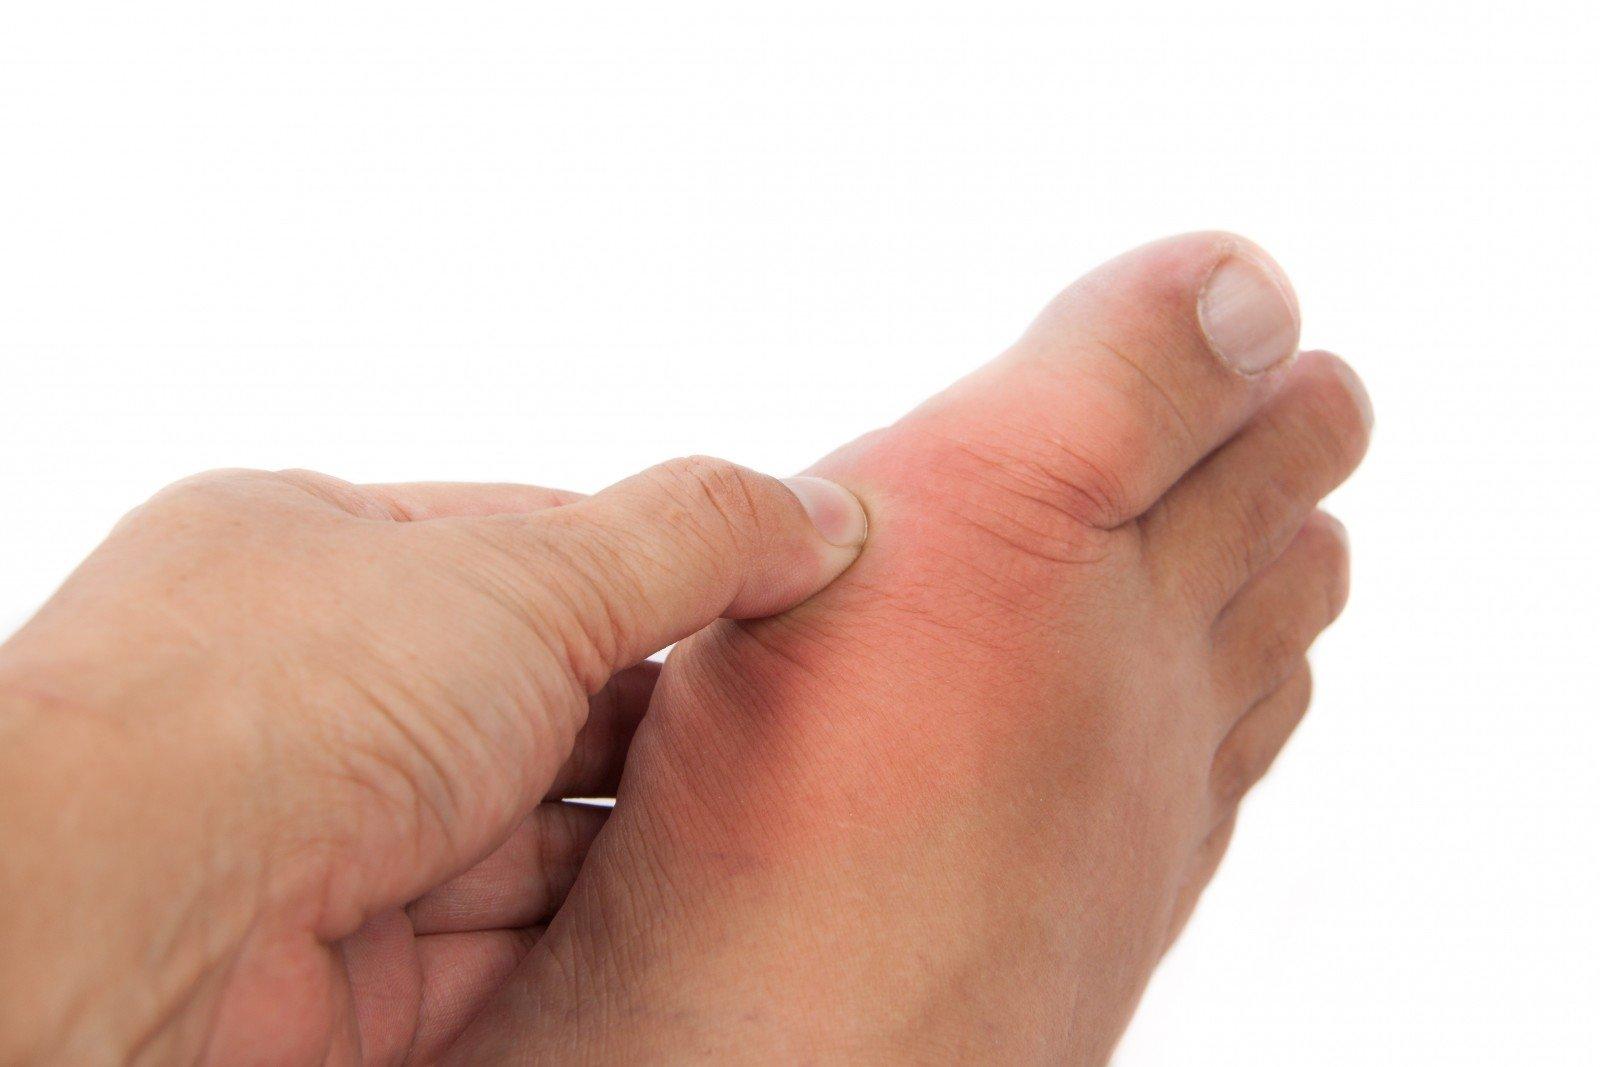 Podagros ir podagrinio artrito rizikos mažinimas